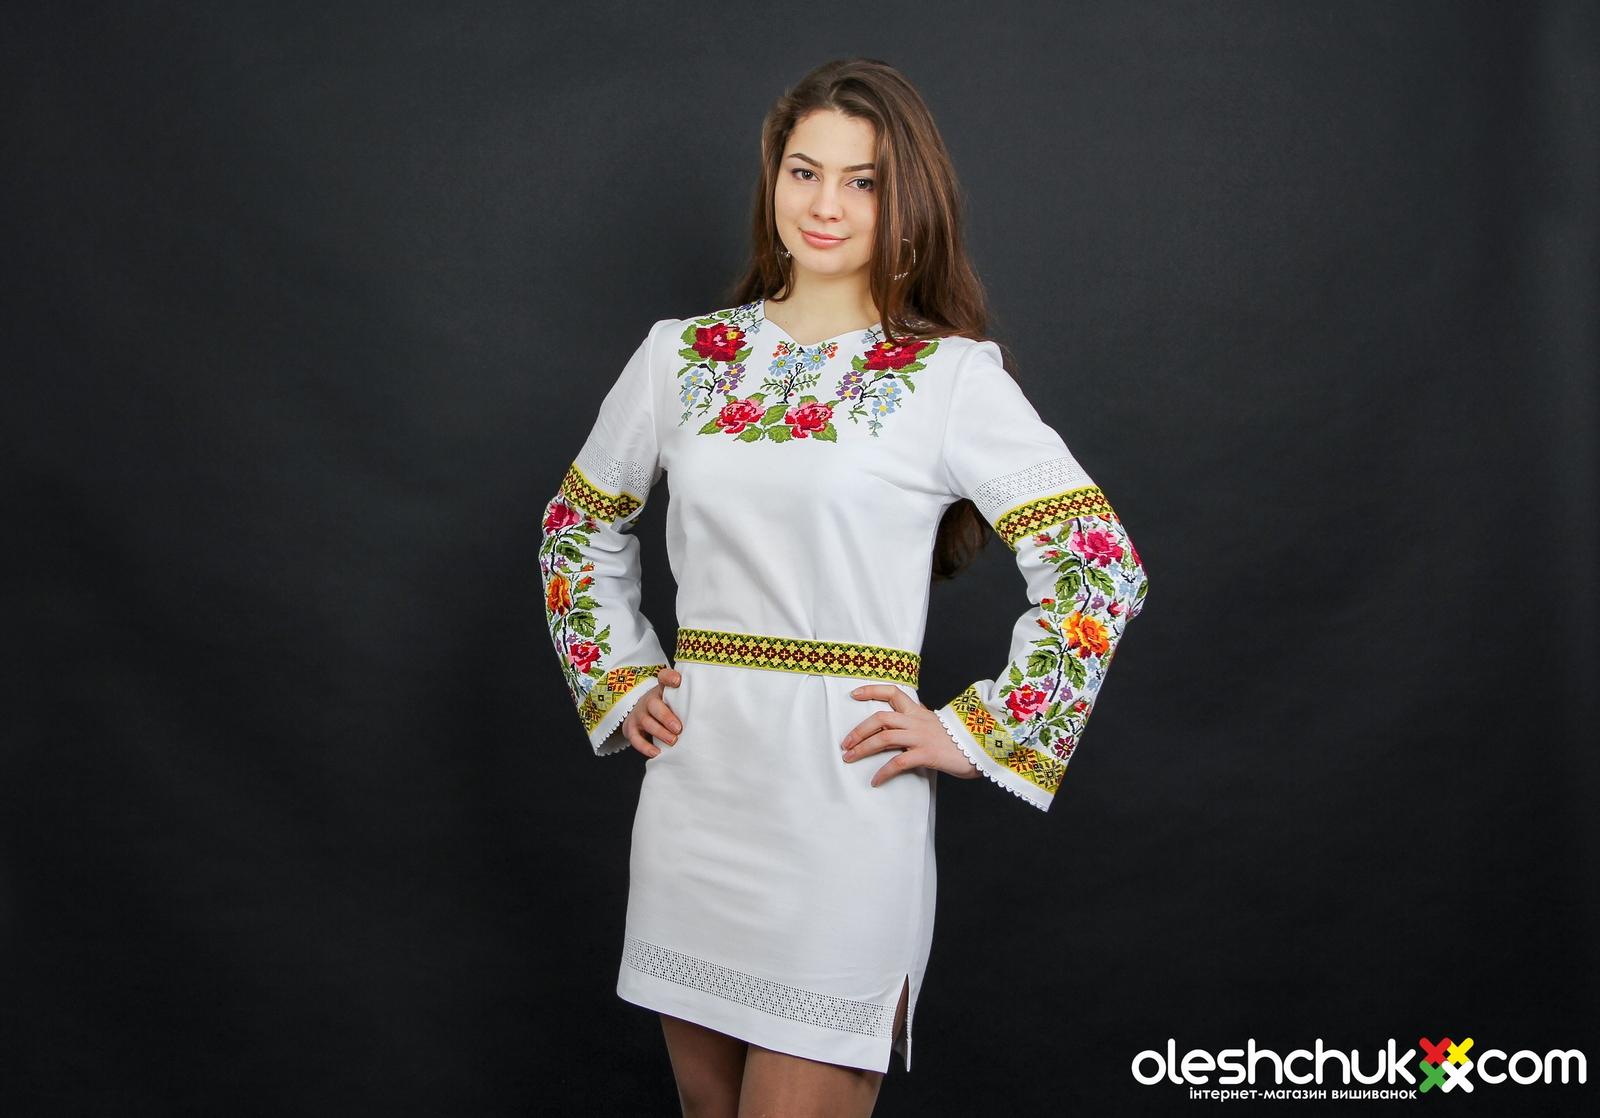 c44b363a6749fb Сучасні жіночі вишиті плаття та сукні | Я - суперова! superova.com